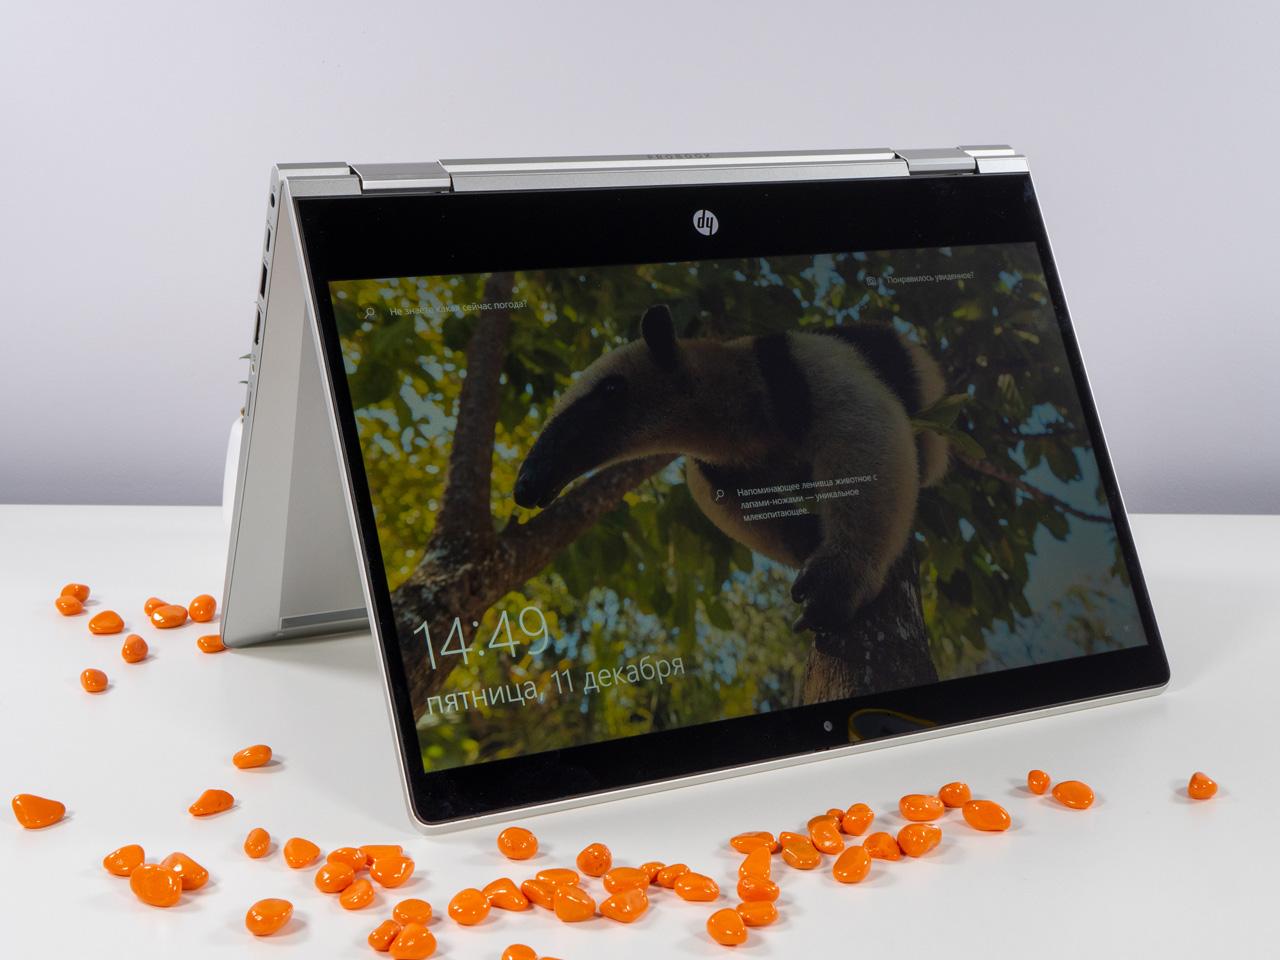 Обзор ноутбука HP ProBook x360 435 G7: деловой трансформер